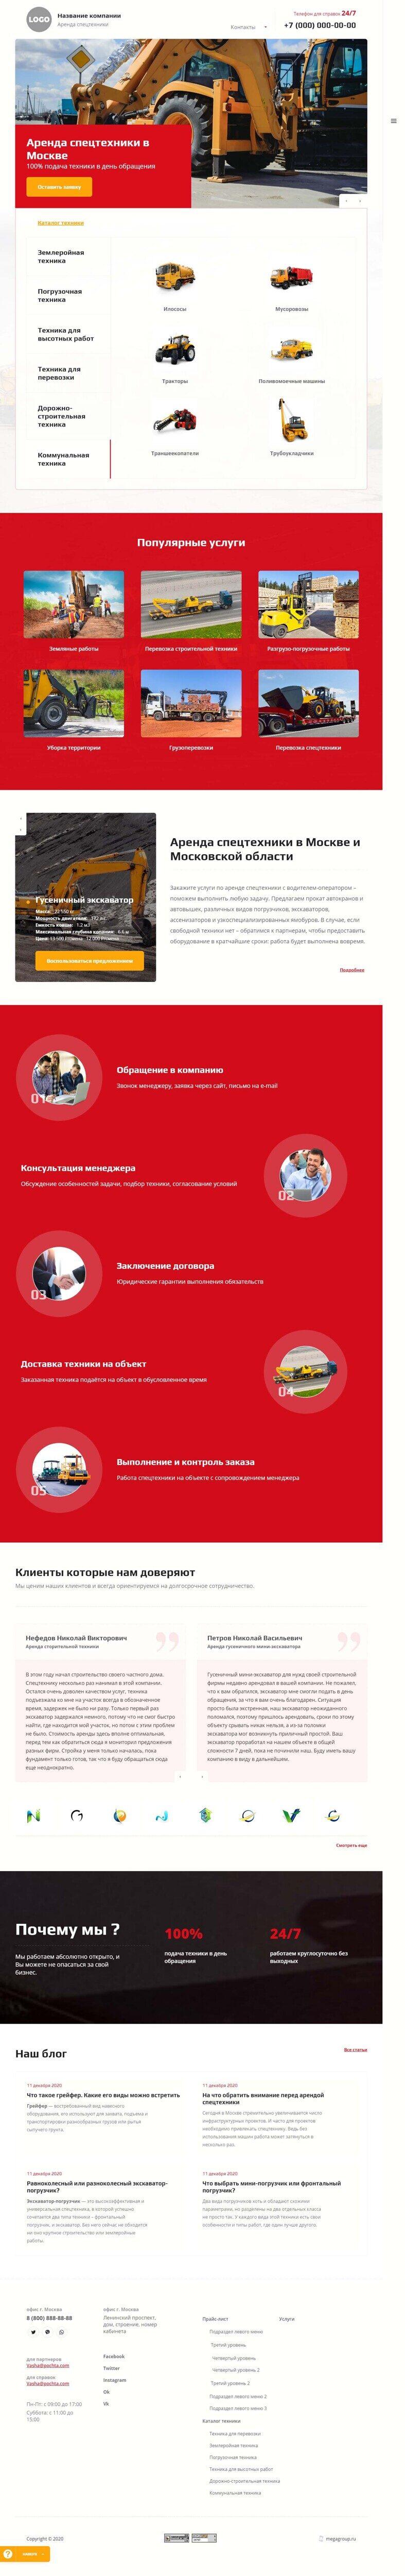 Готовый Сайт-Бизнес #2962807 - Аренда спецтехники (Главная версия 1)